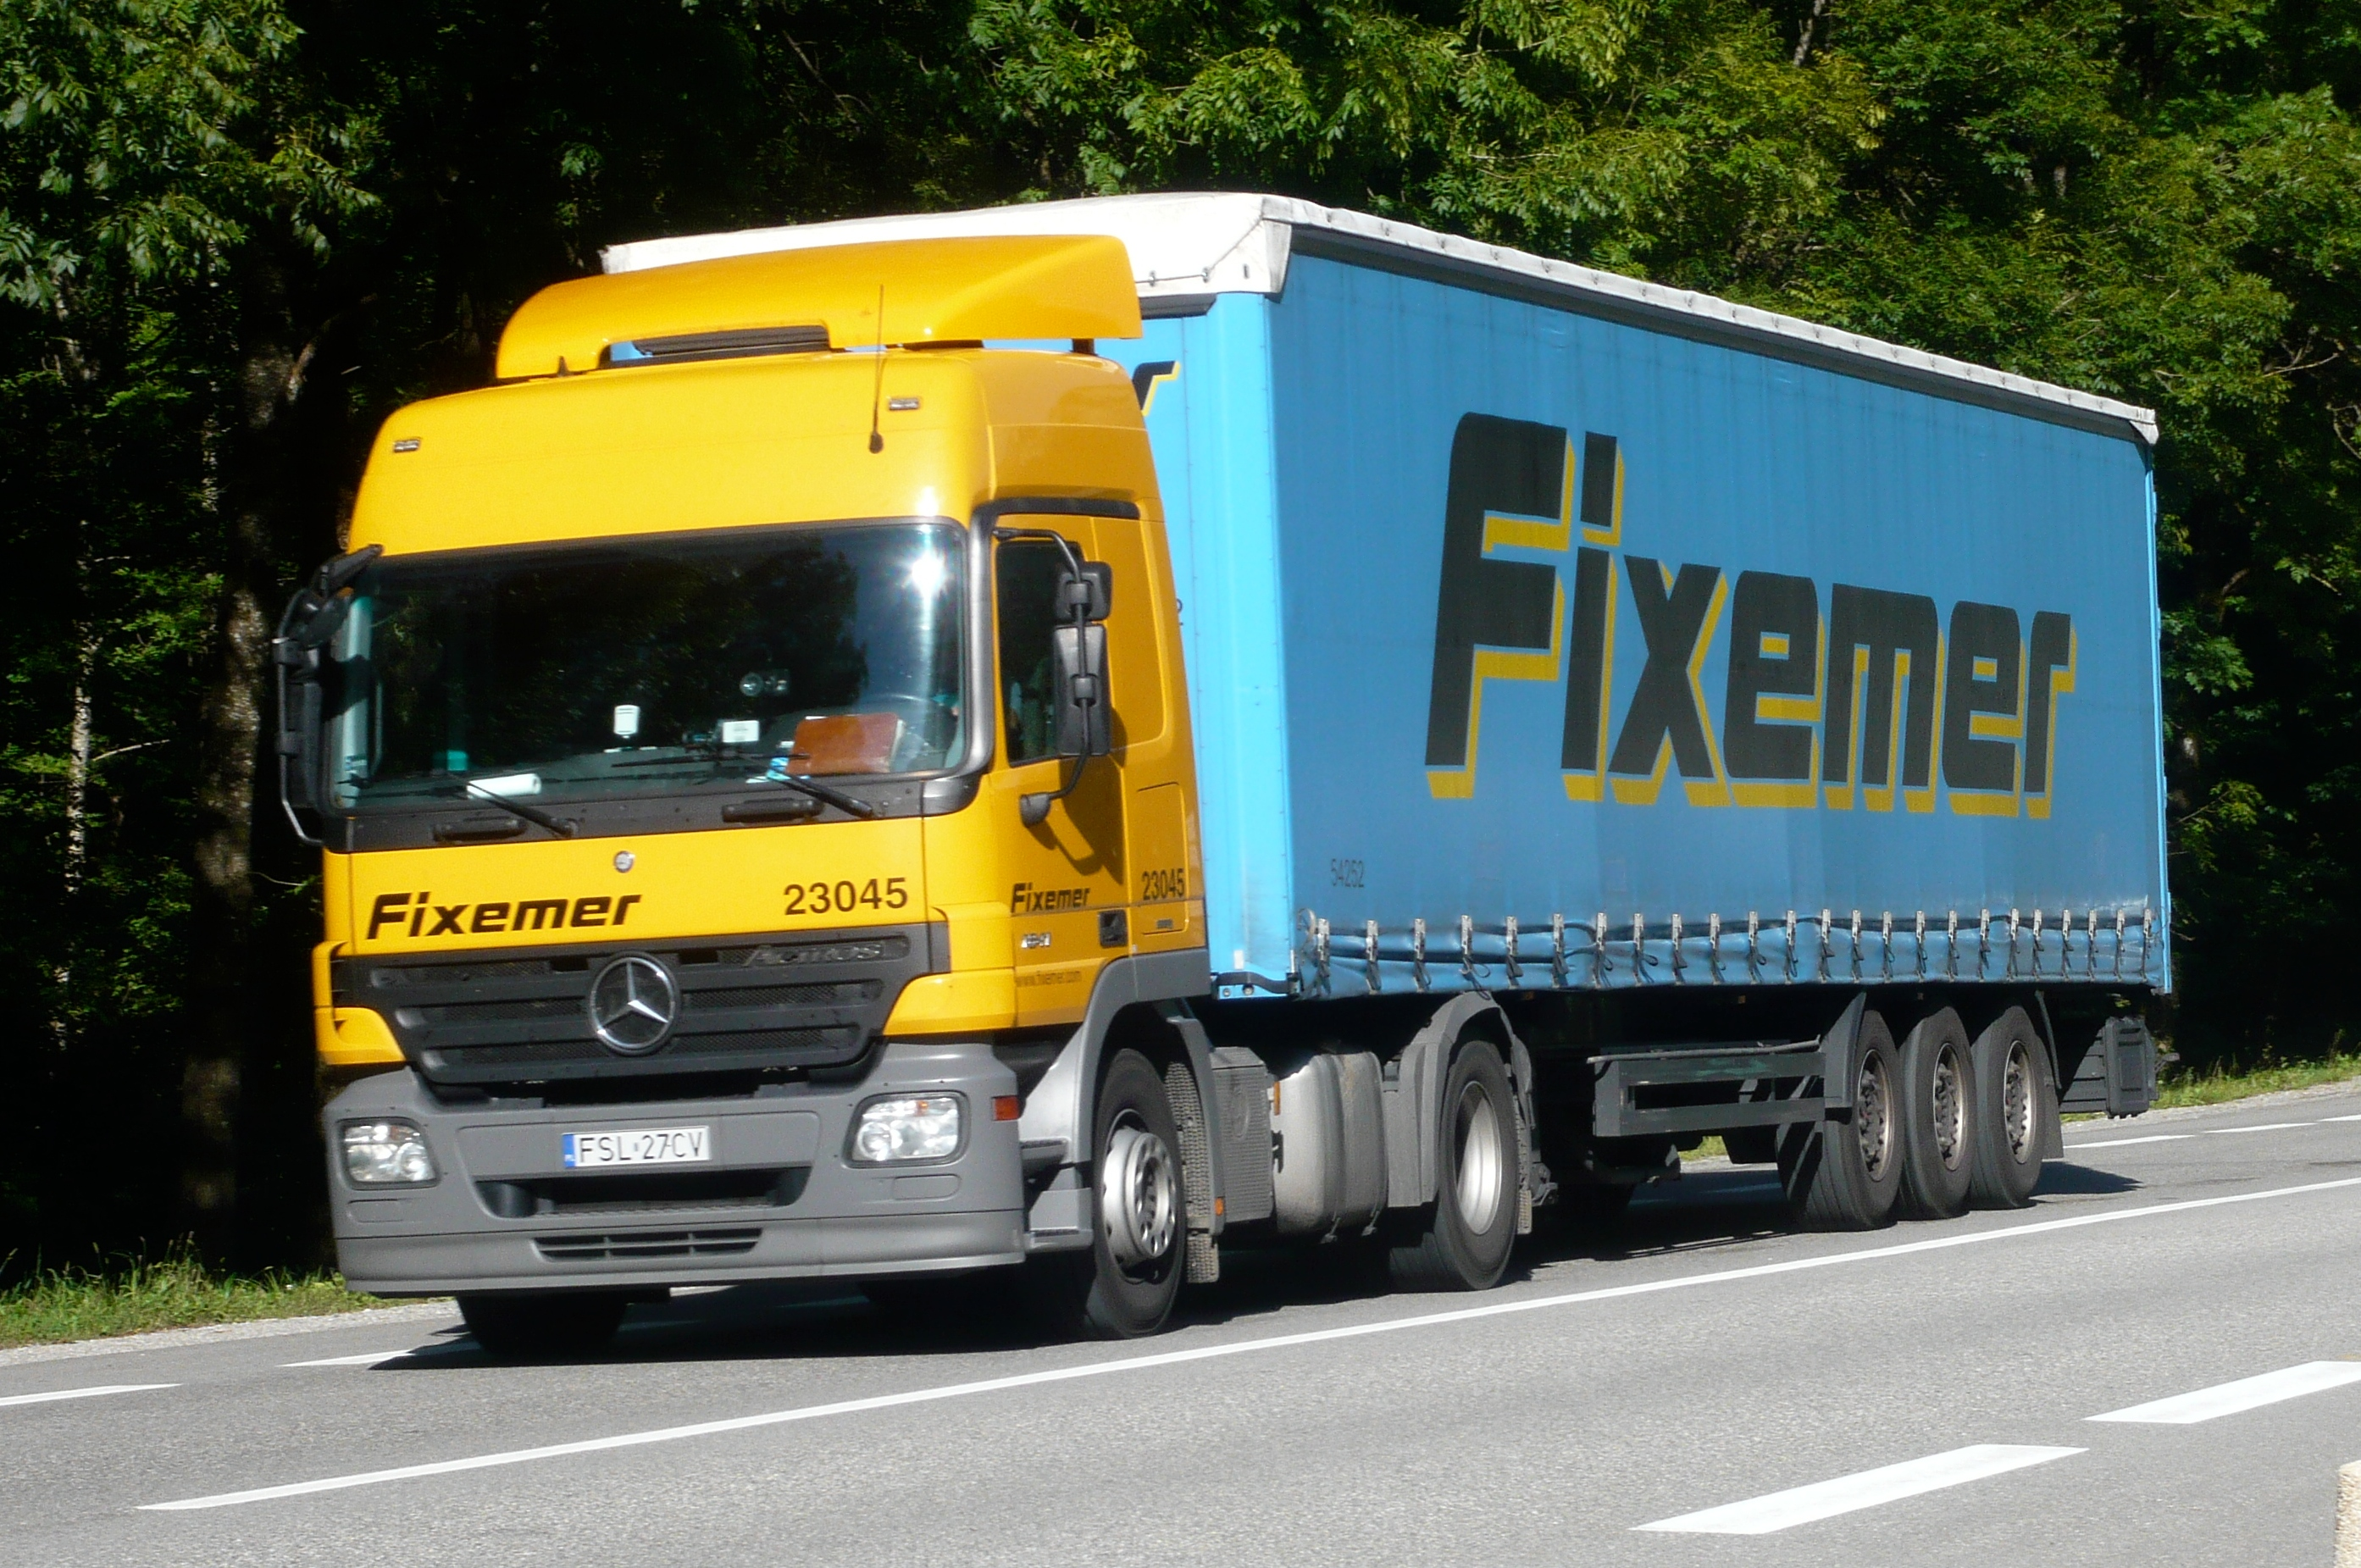 Large goods vehicle - Wikipedia